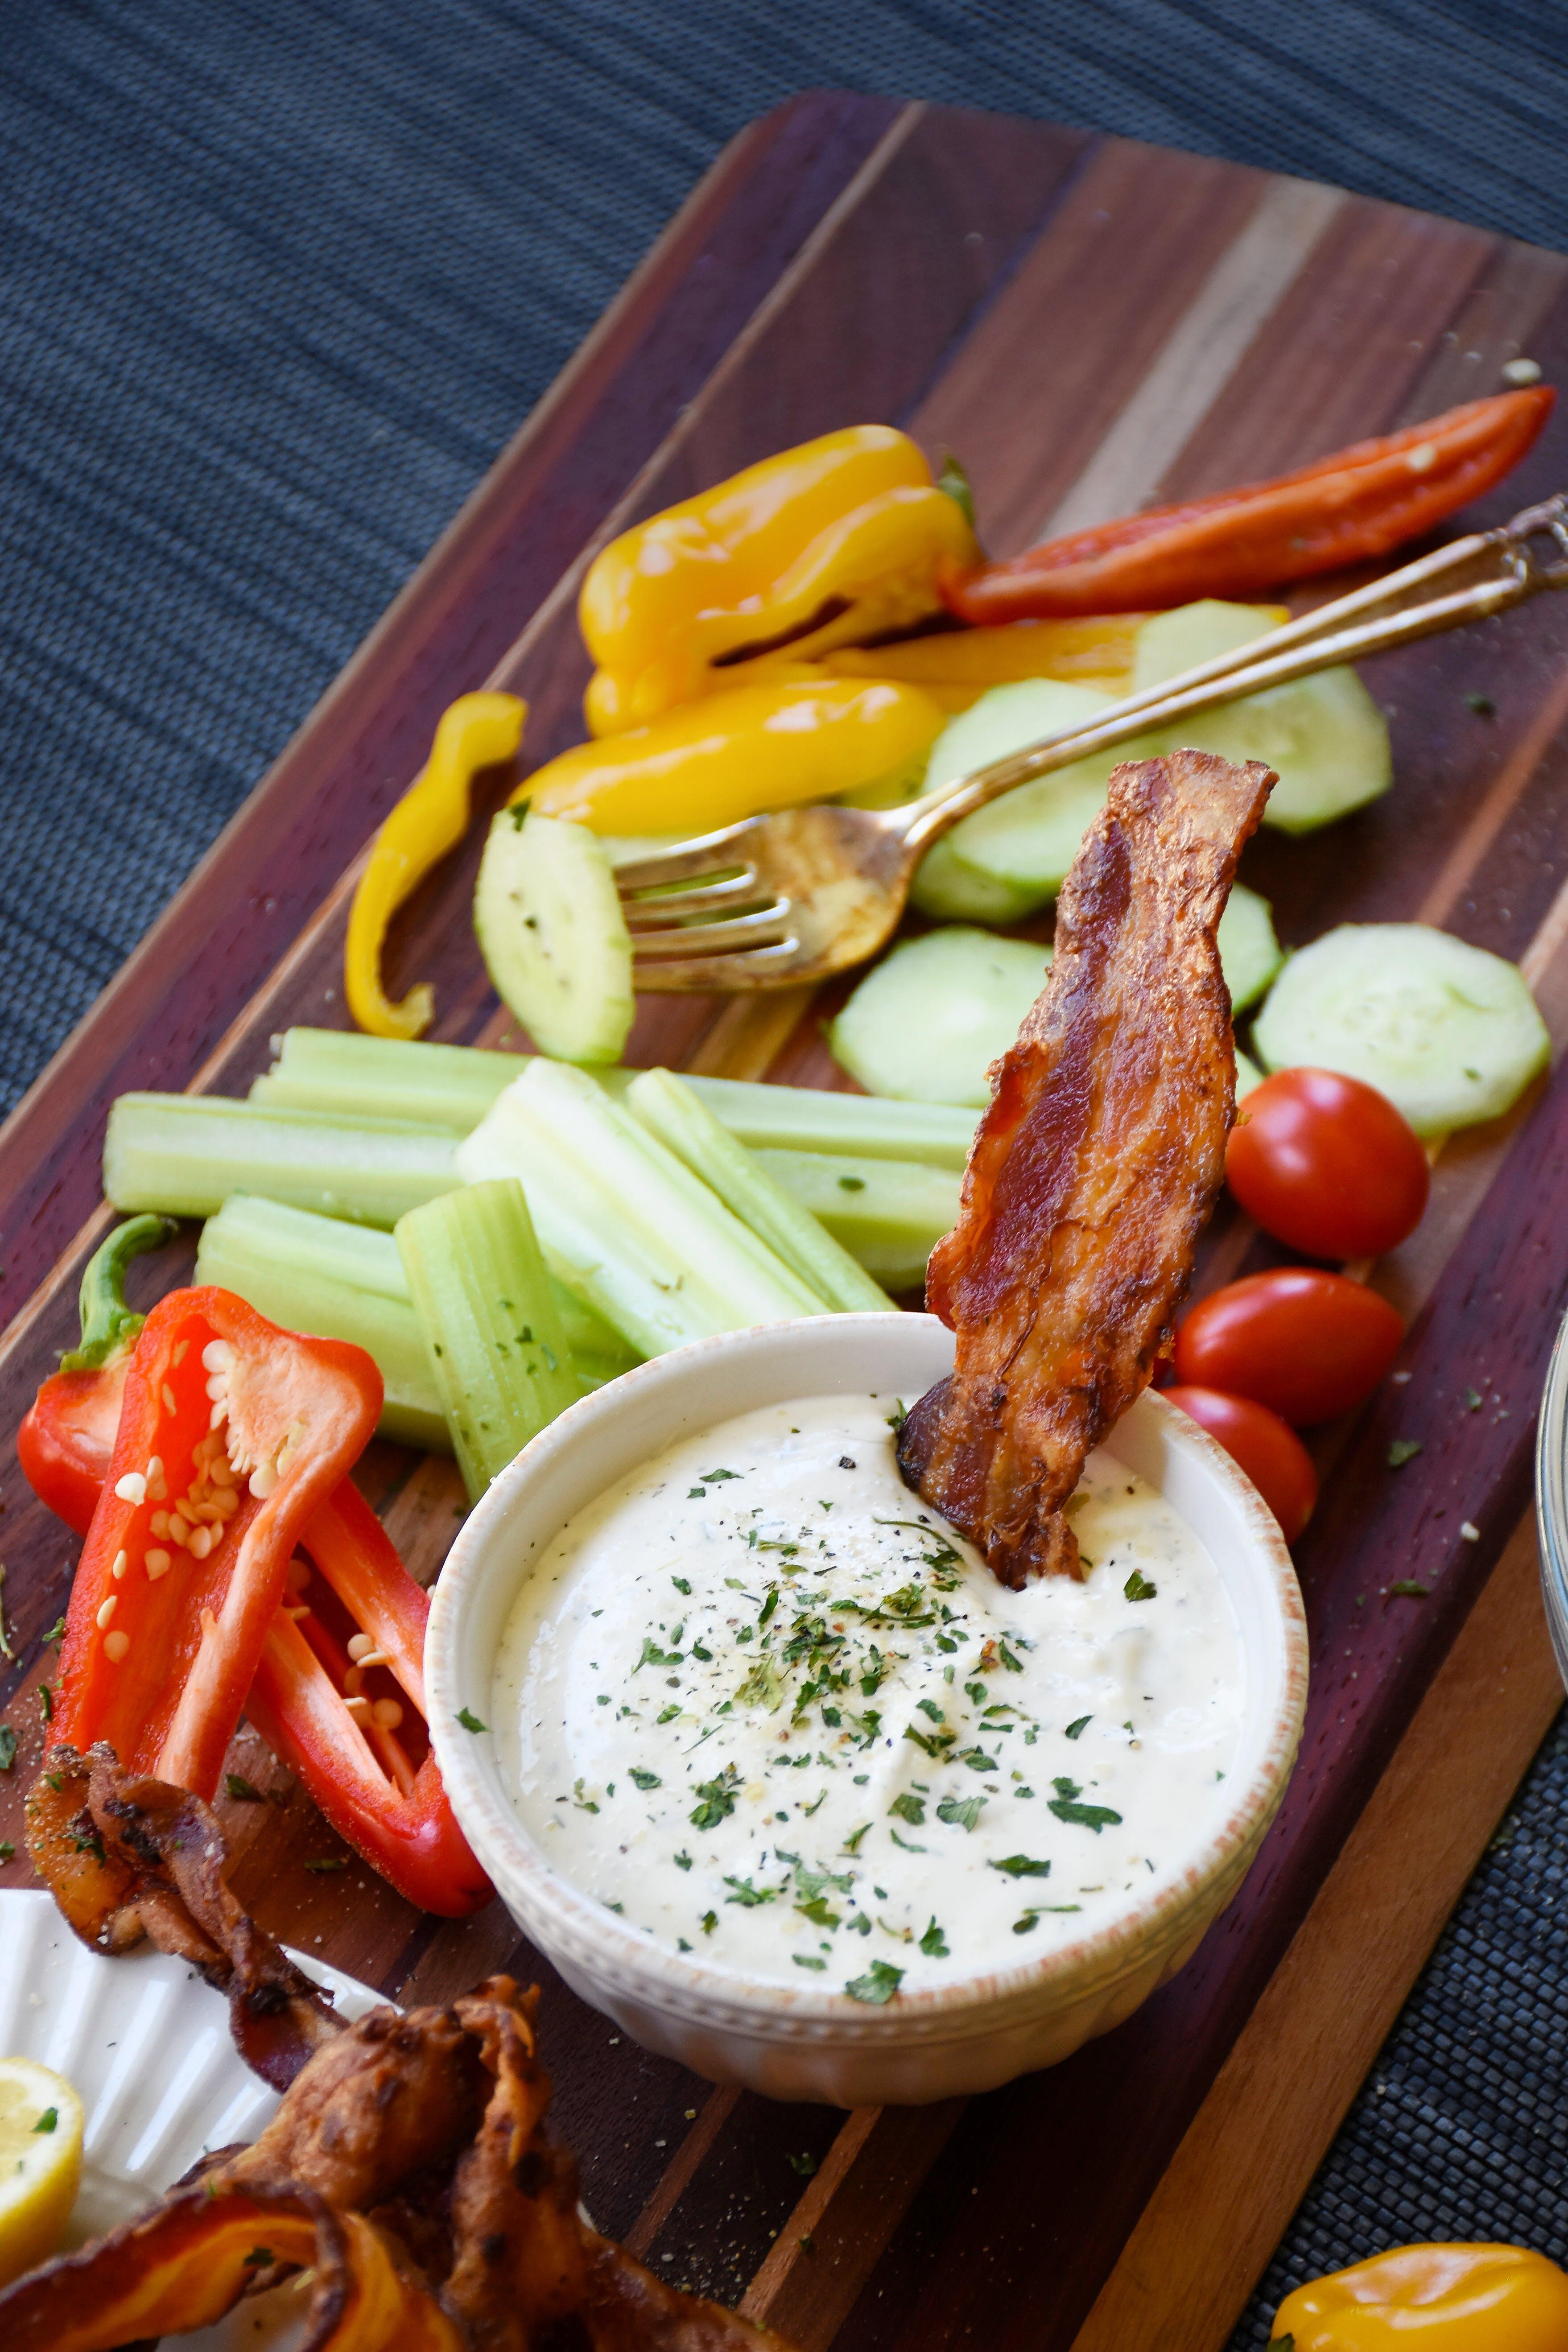 Aderezo ranchero bajo en carbos con tocino asado y verduras